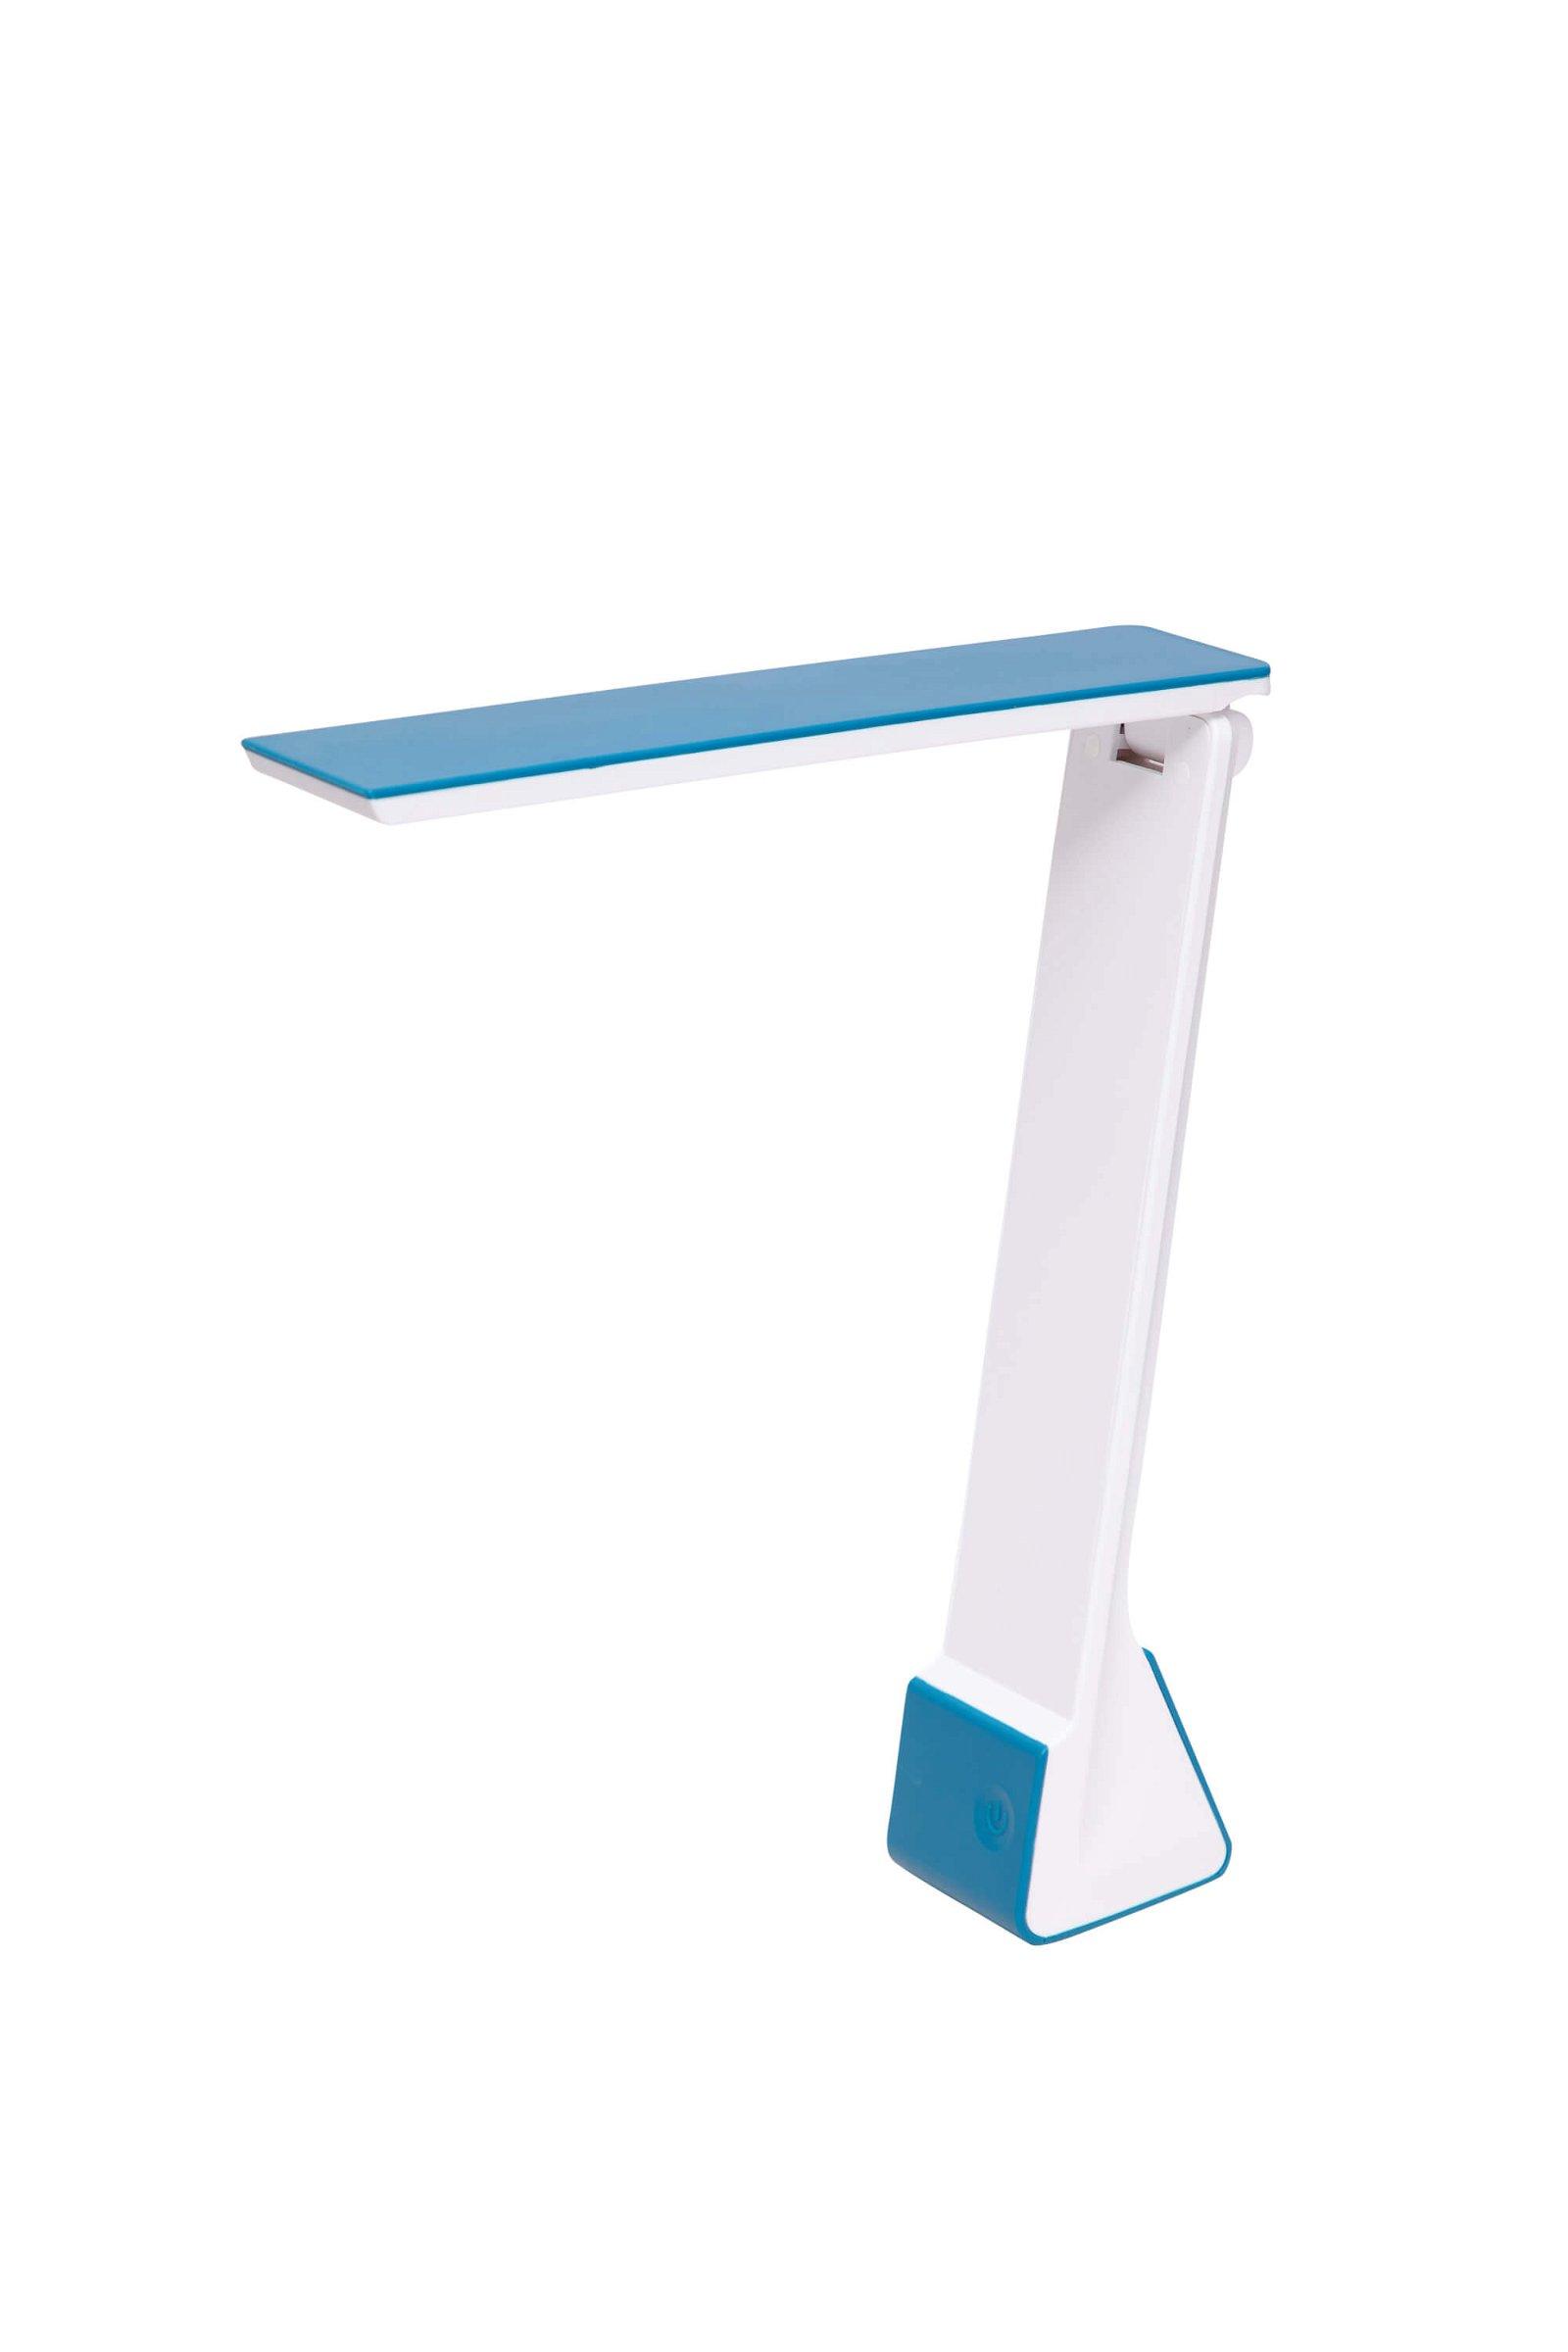 Akku LED-Leuchte MAULseven colour vario - atlantic blue